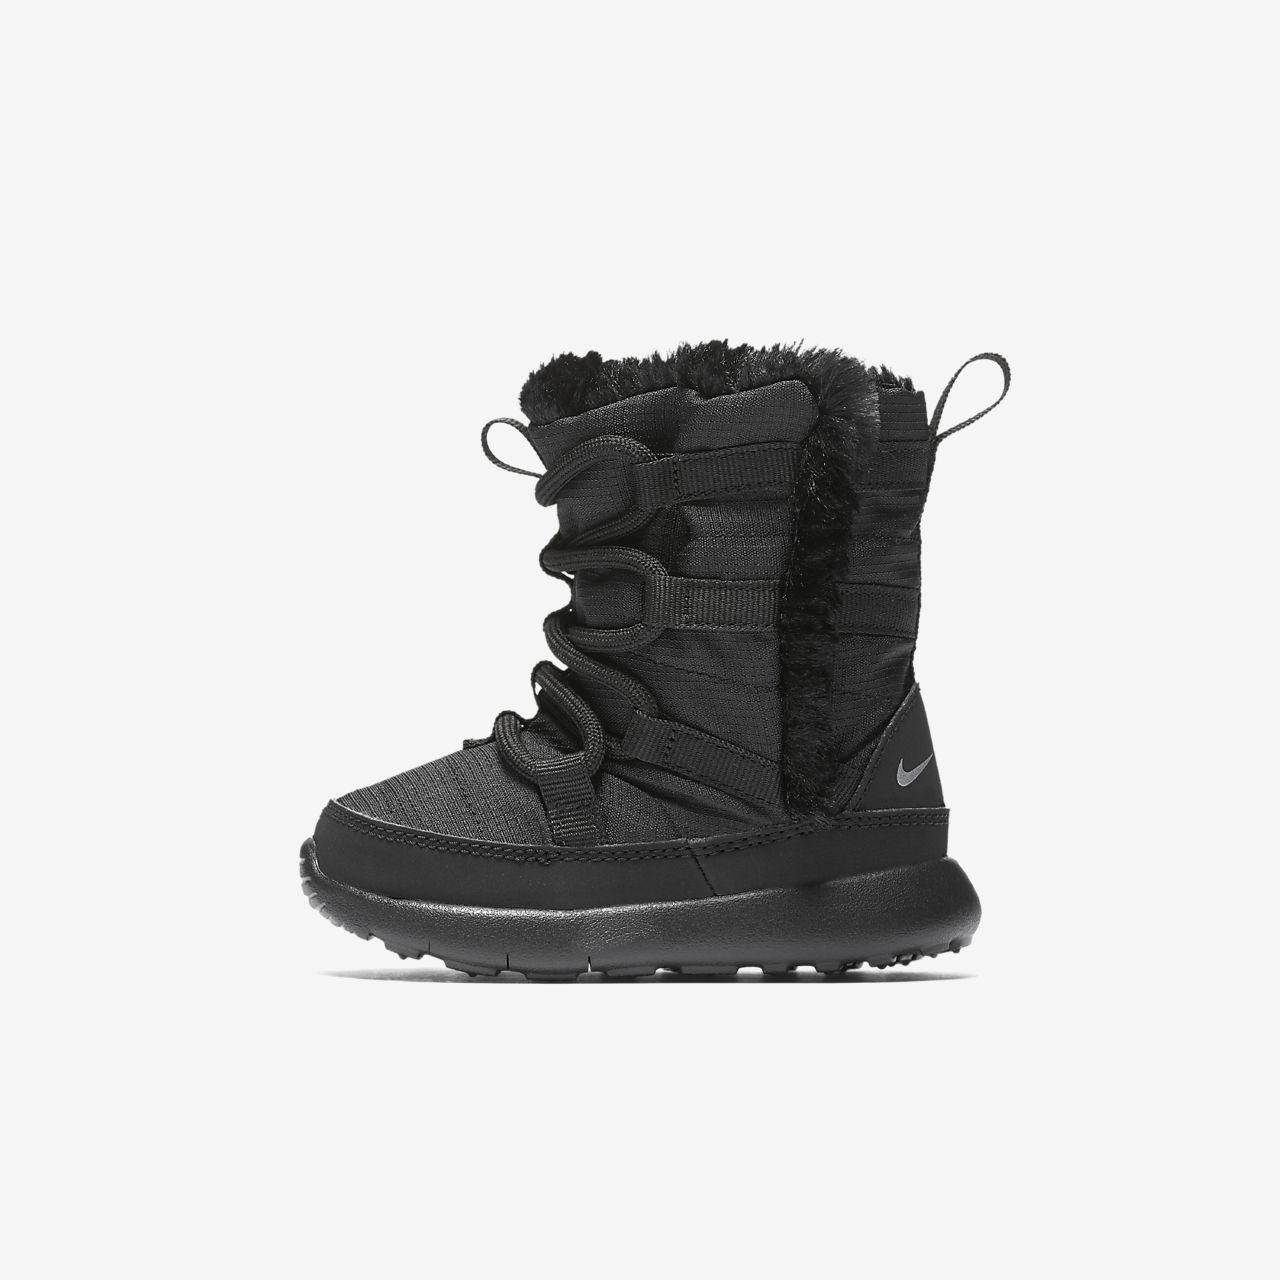 da5643523f Nike Roshe One Hi InfantToddler SneakerBoot ...